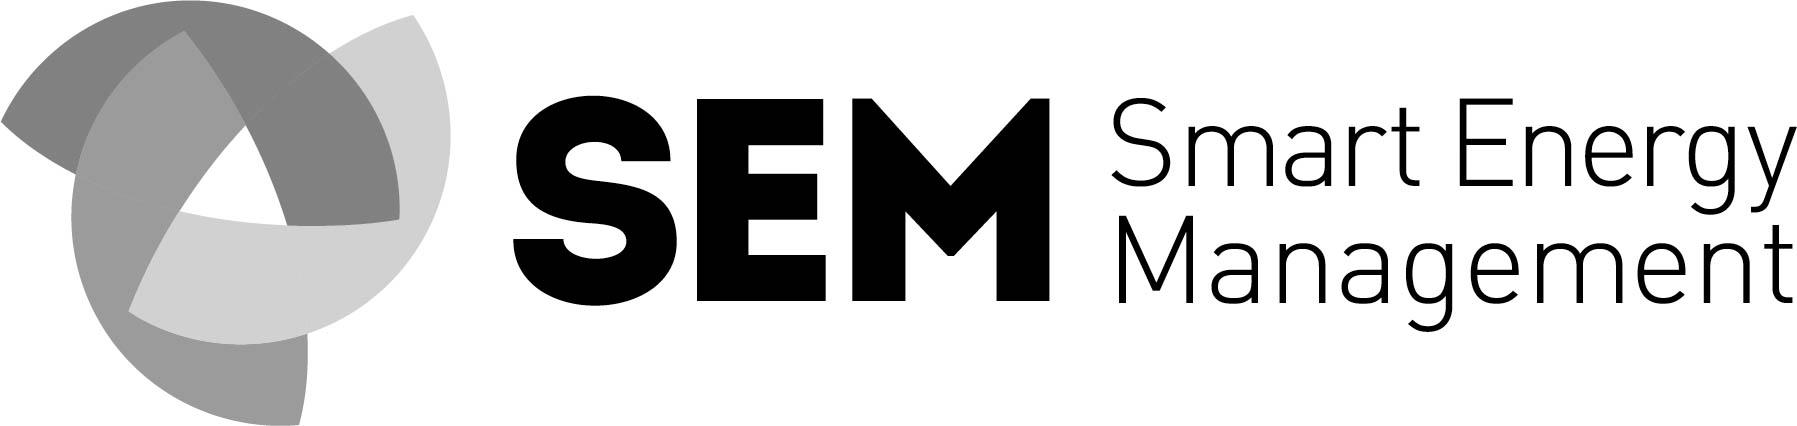 folieren-at-referenzen-kunden-logos-SEM.